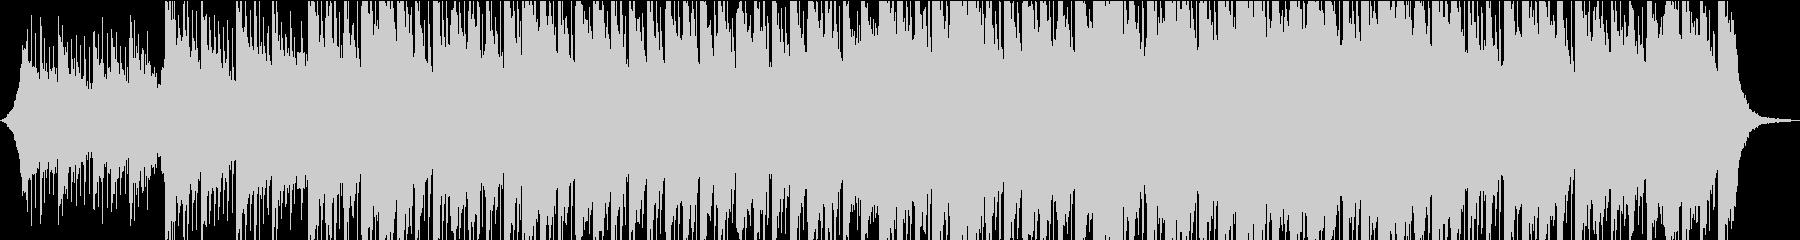 【スライドショーBGM】浮遊感・ピアノの未再生の波形